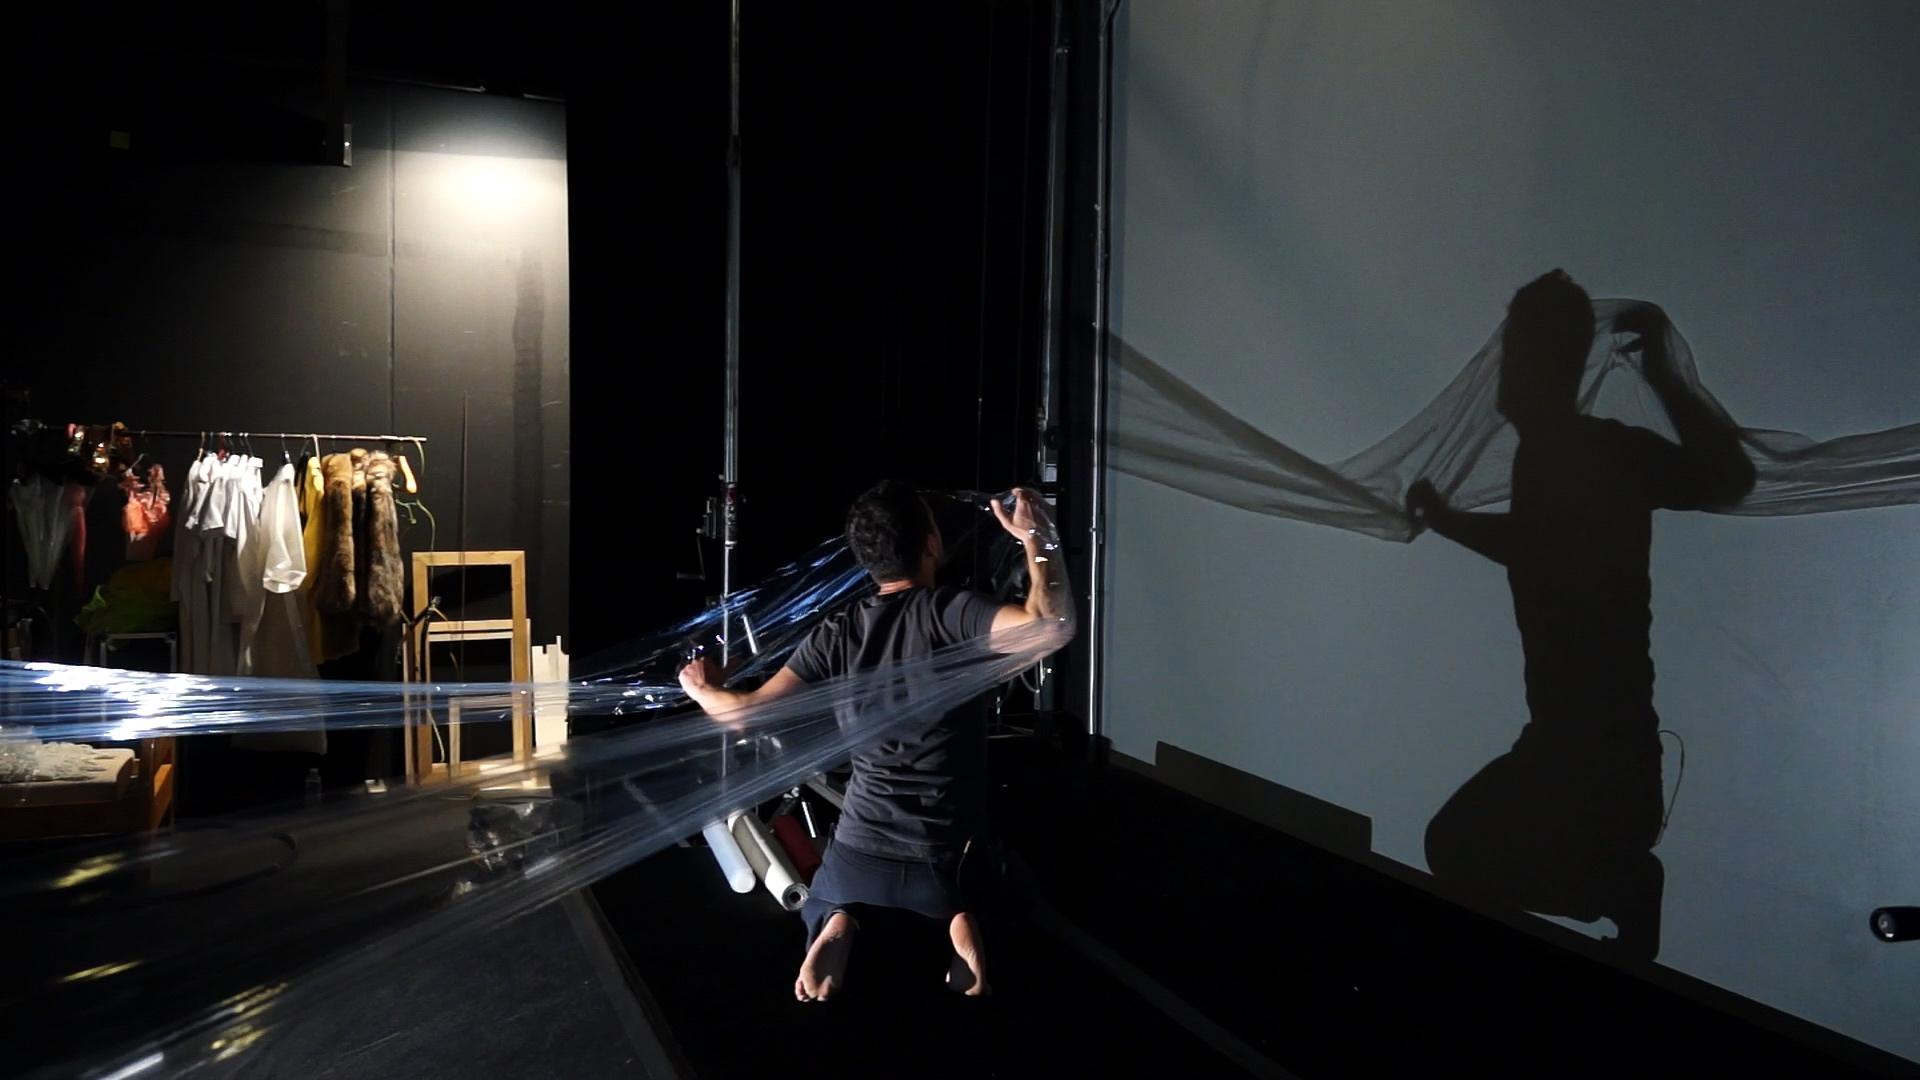 De l'ombre à la lumière Johanny Bert 3 - Blandine Armand - Documentaires